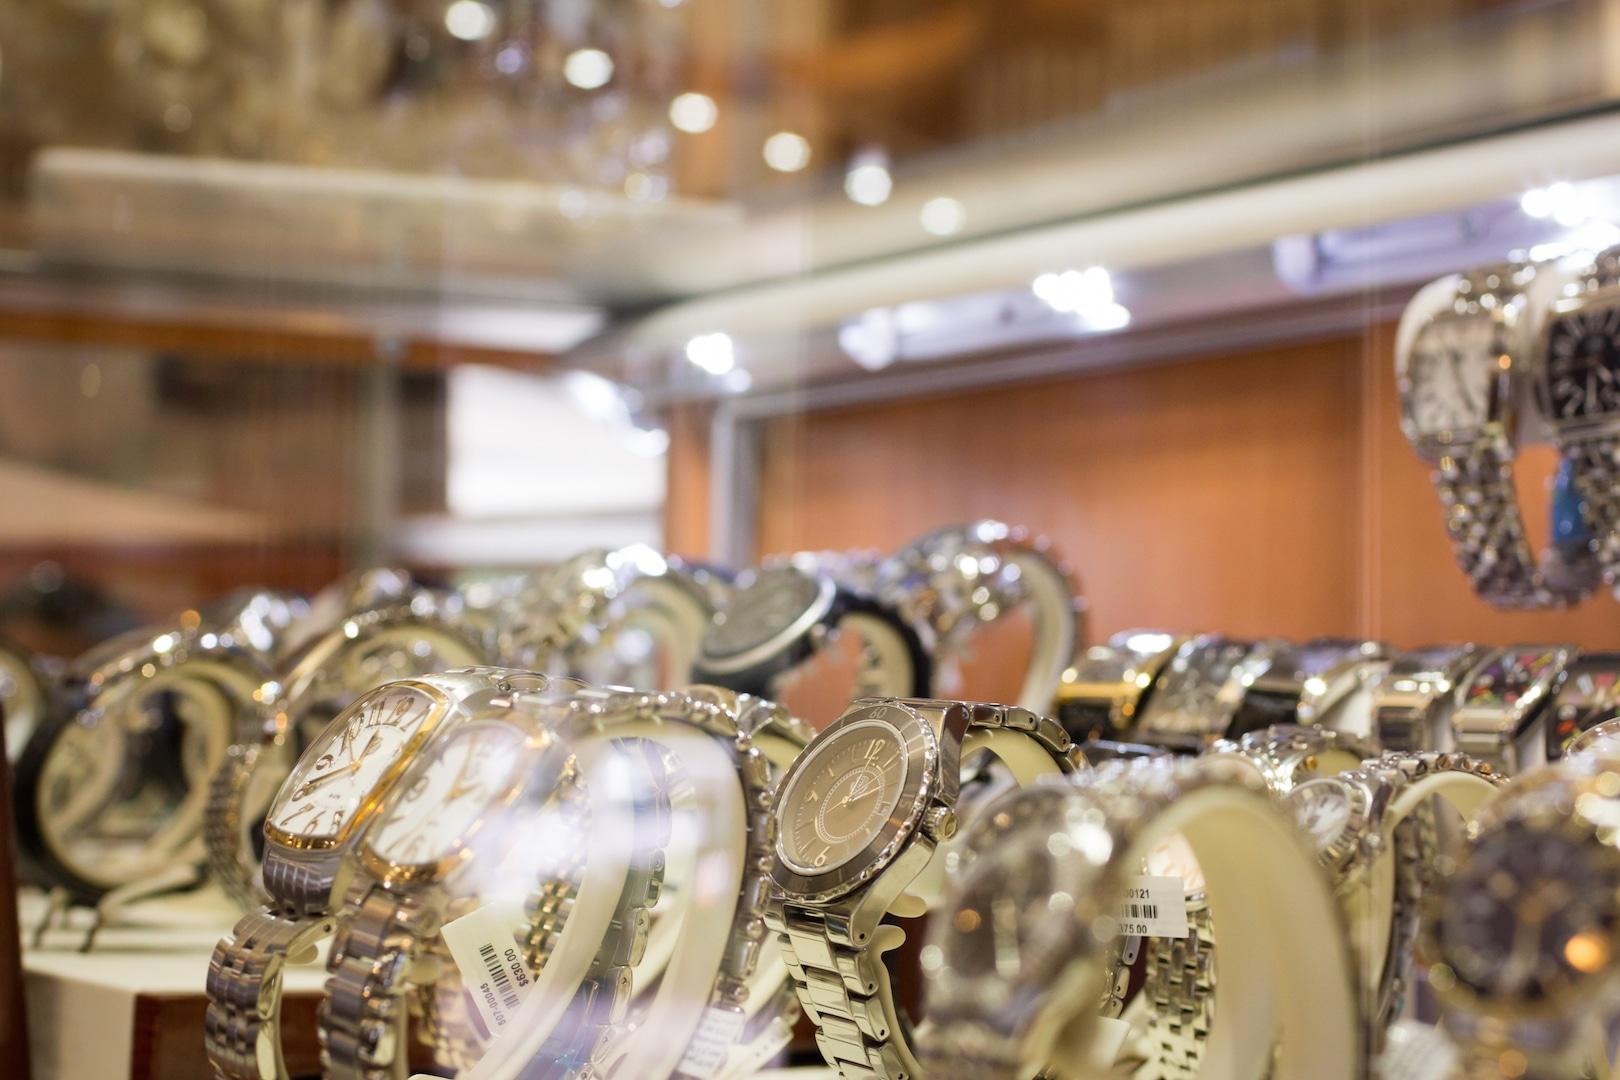 Belair custom watches Valentine's Day gift Brittany's Fine Jewelry Gainesville FL